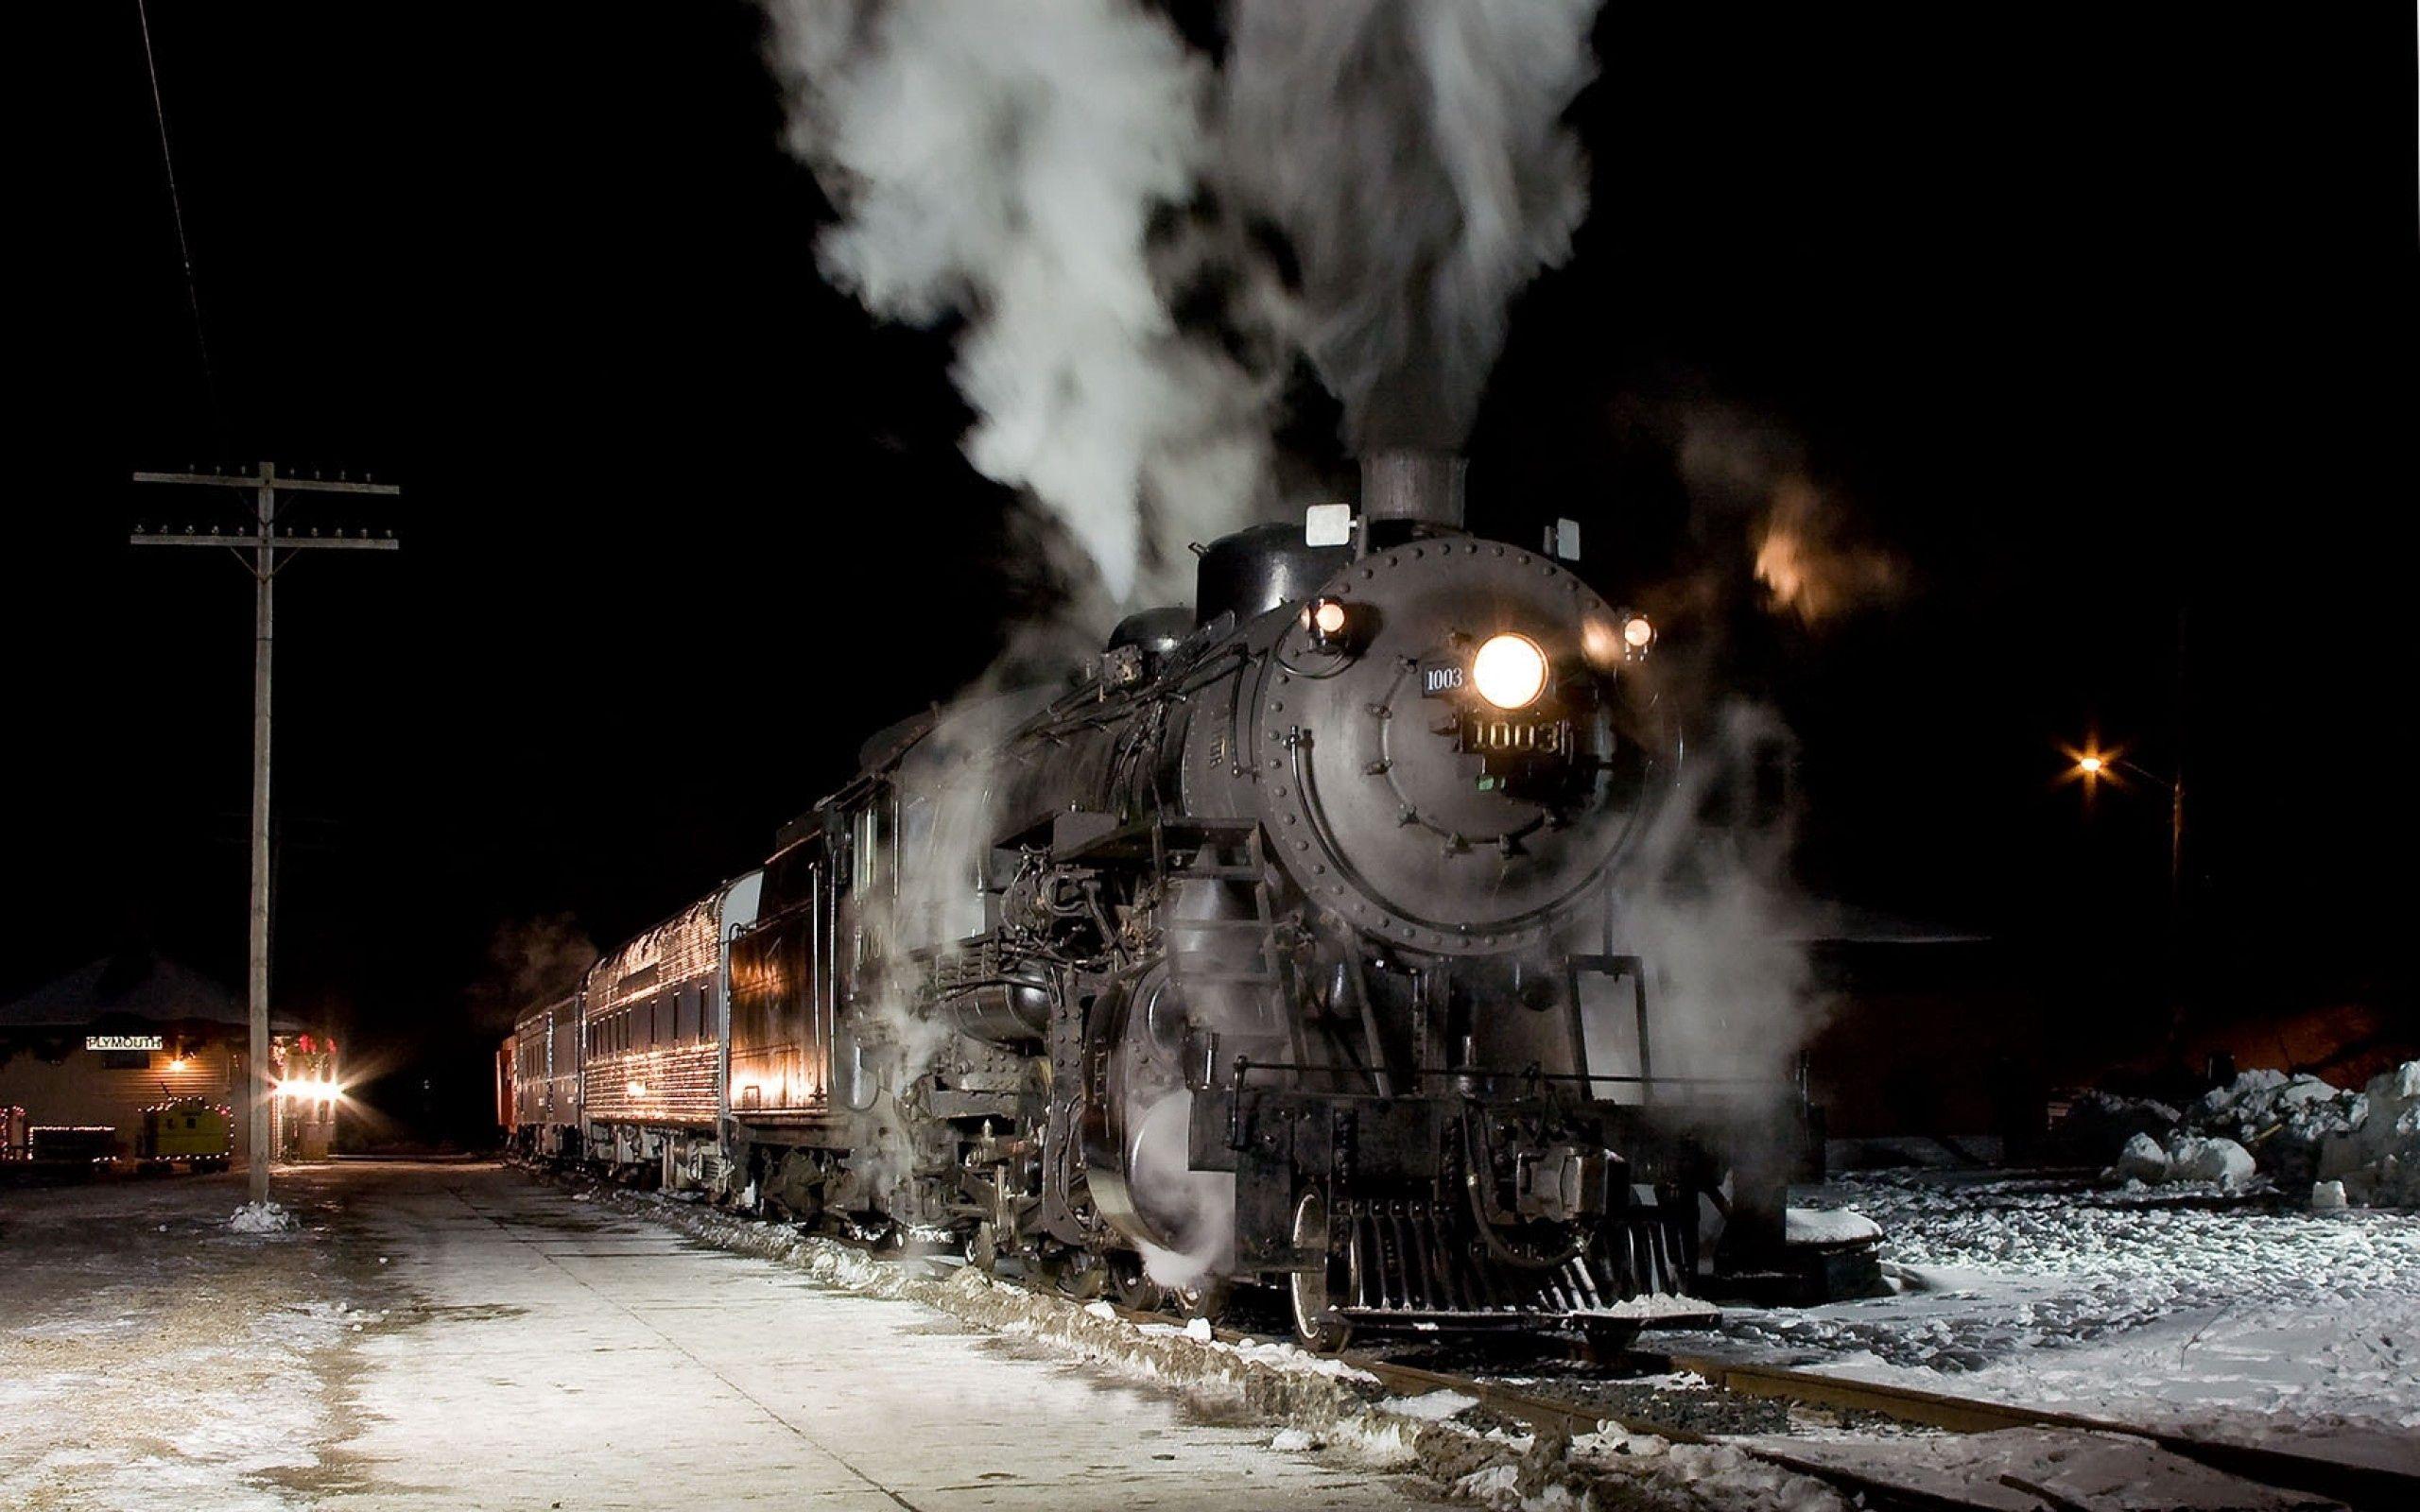 151658 Hintergrundbild 320x480 kostenlos auf deinem Handy, lade Bilder Verschiedenes, Raucher, Sonstige, Straße, Ein Zug, Zug 320x480 auf dein Handy herunter